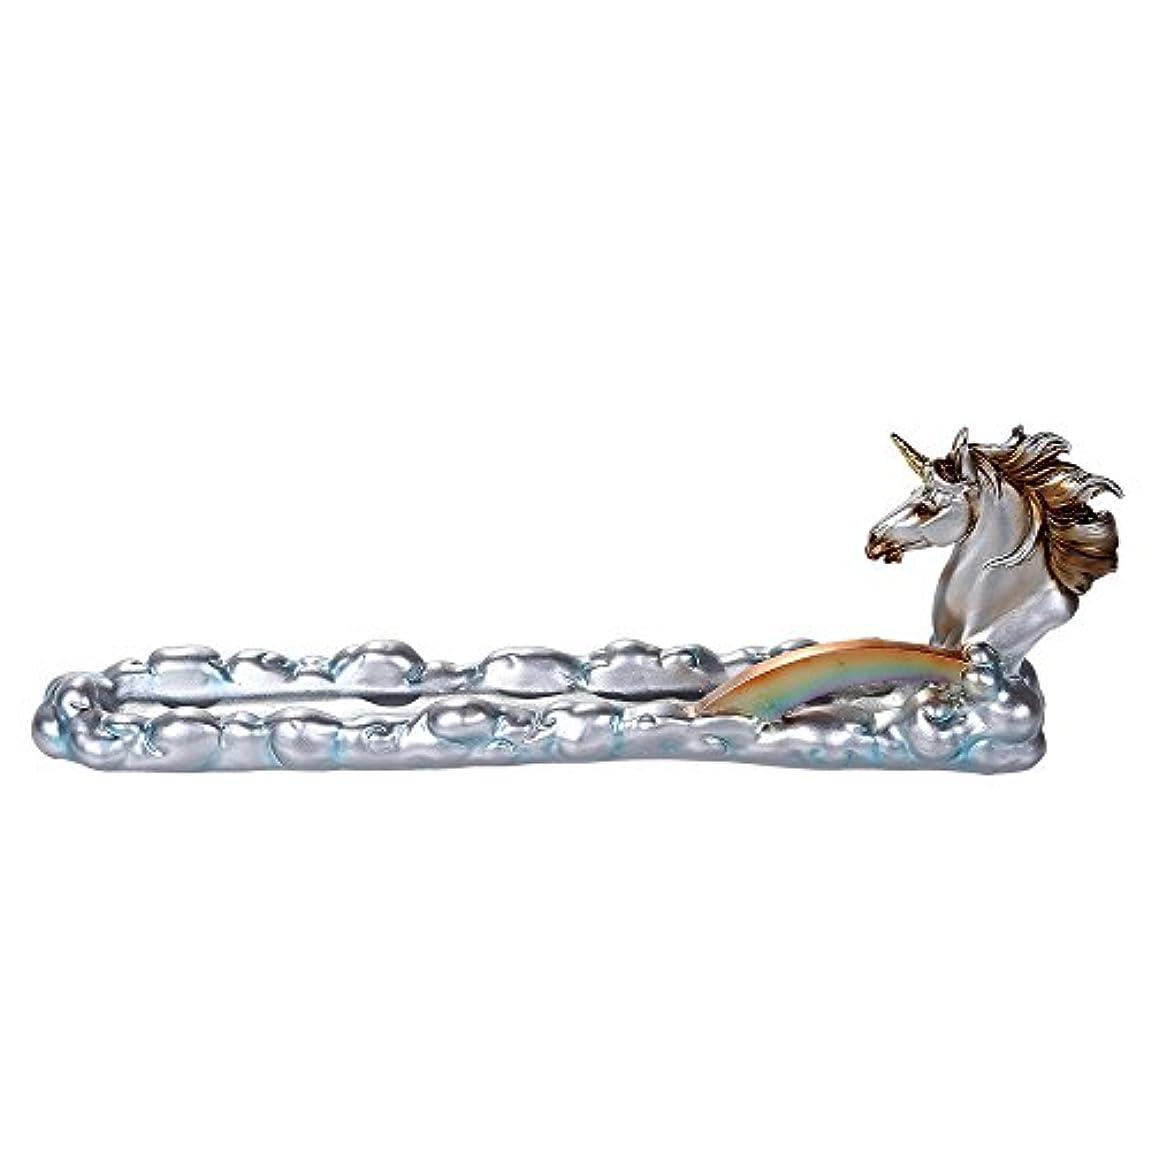 味デジタルレンダリングファンタジーWonderlandユニコーンoverカラフルなレインボーブリッジStick Incense Holder 12インチL